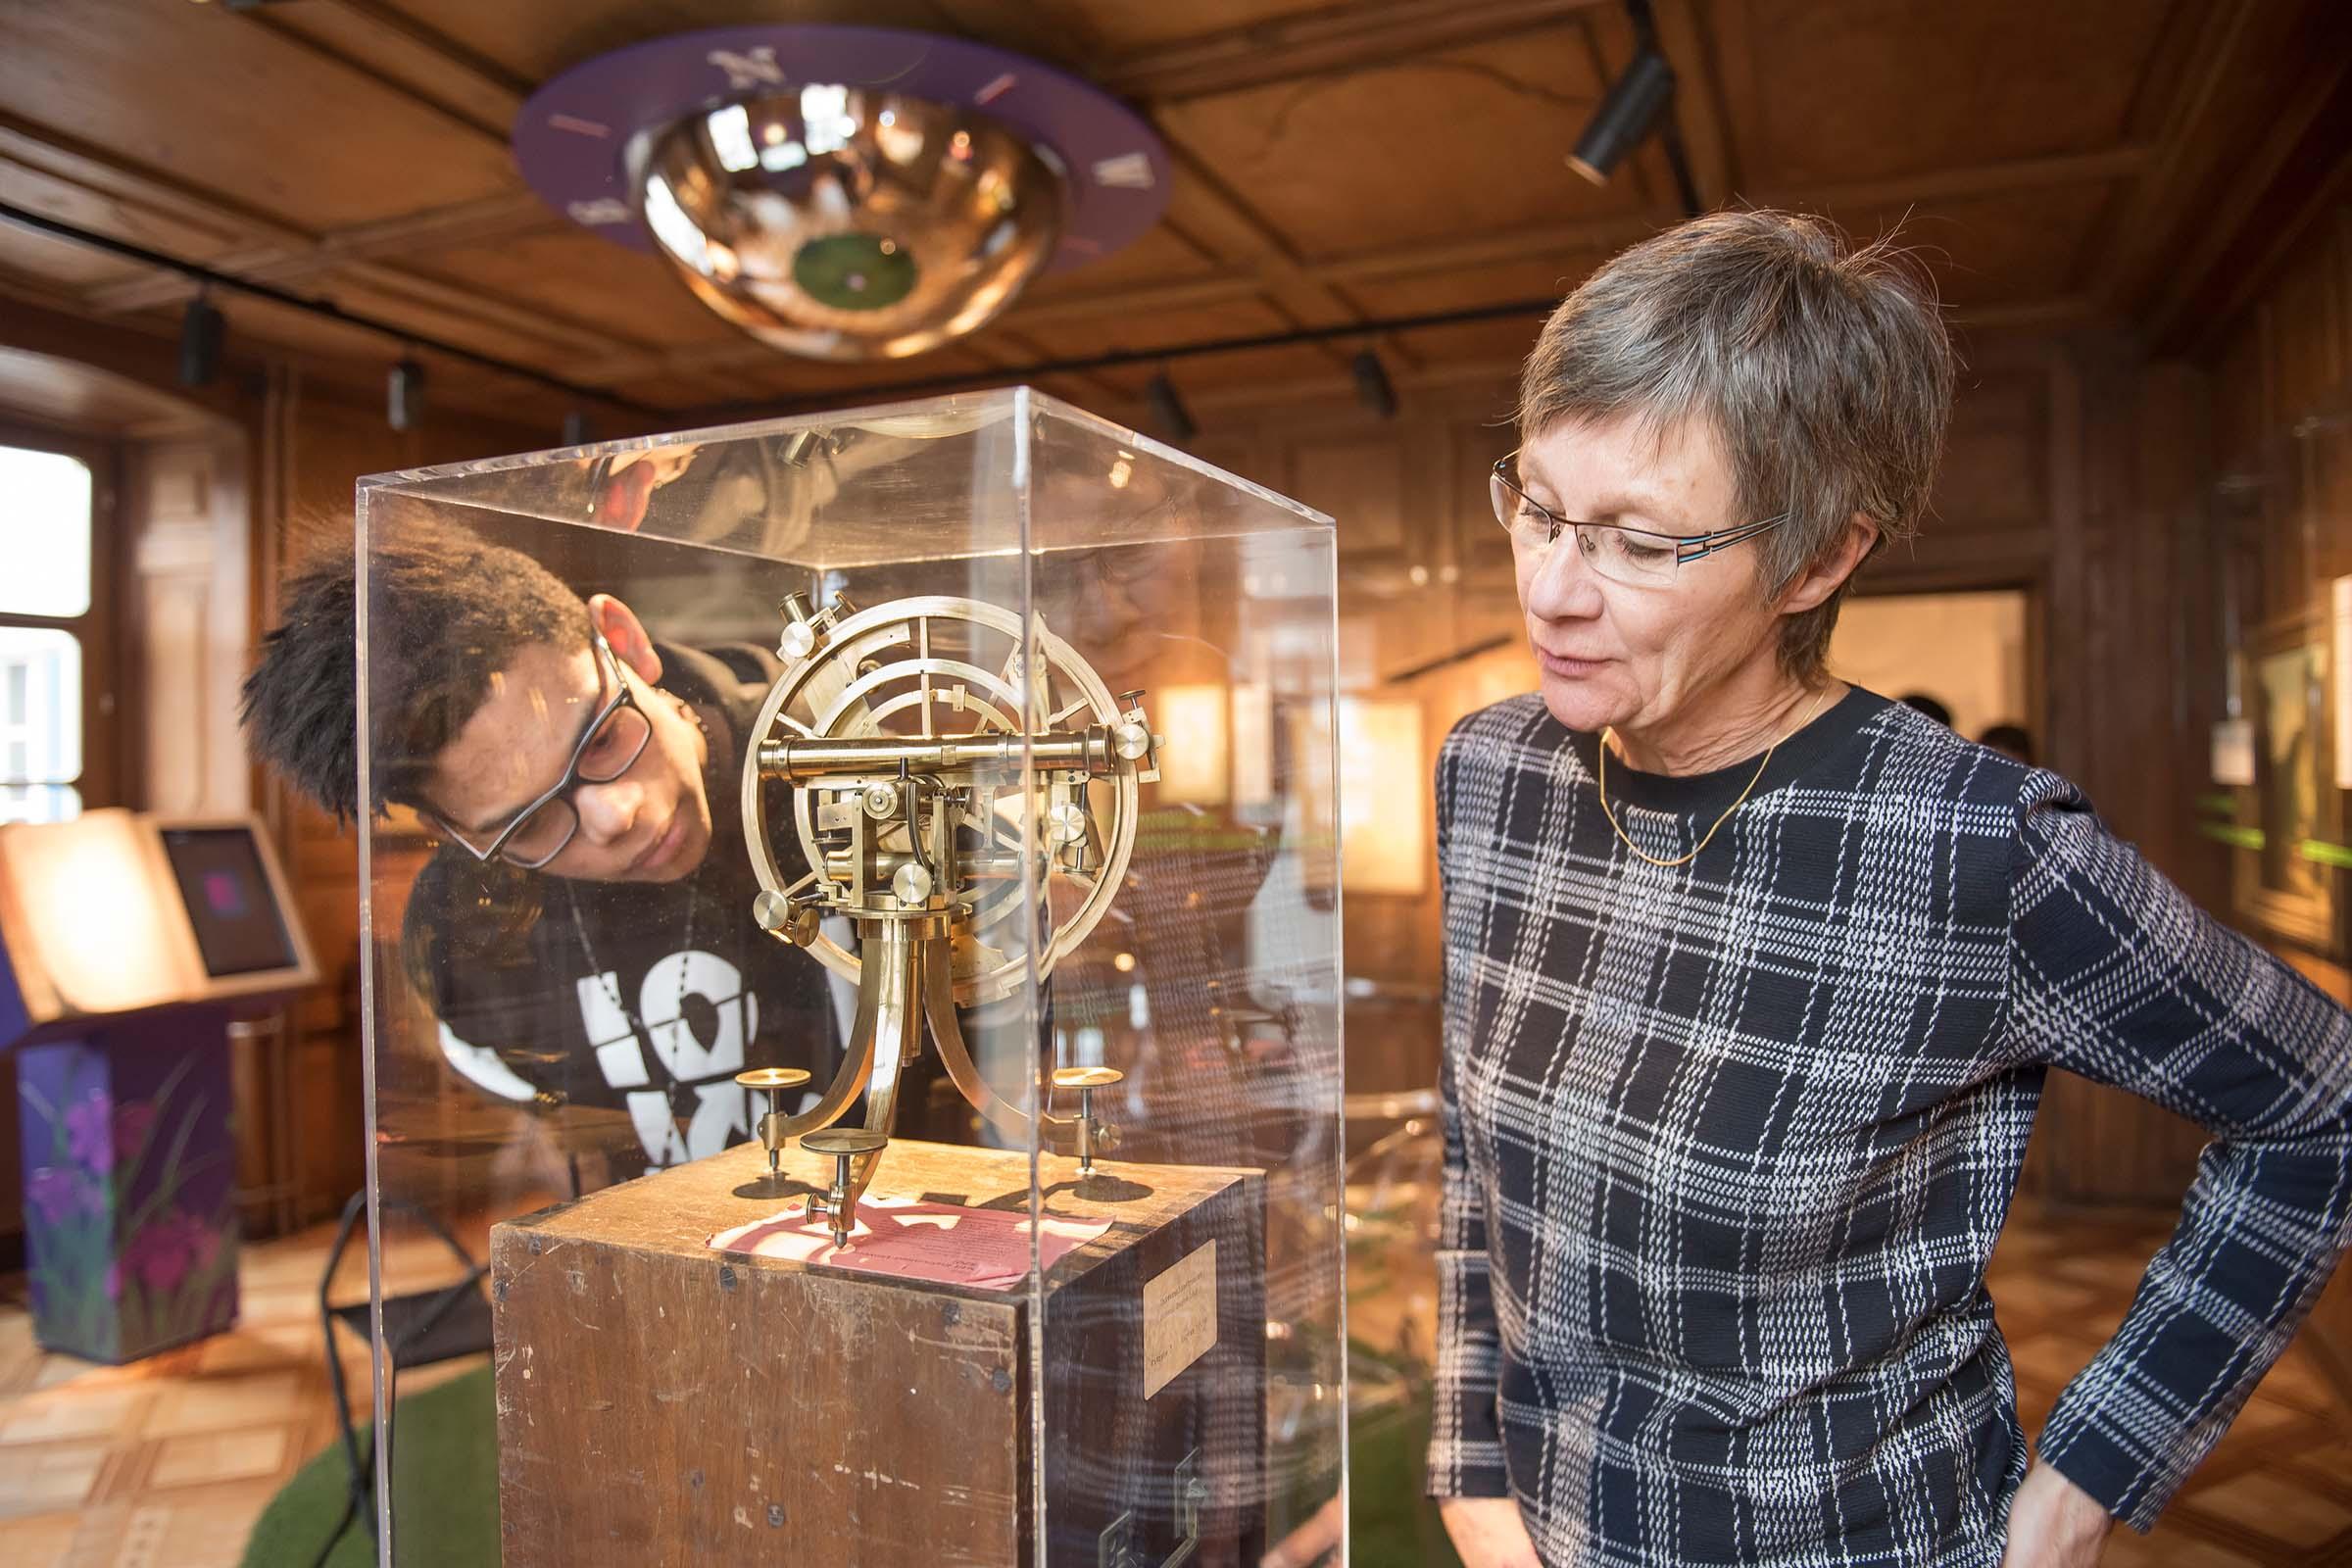 Tandem-Besuch im Musée jurassien d'art et d'histoire in Delémont